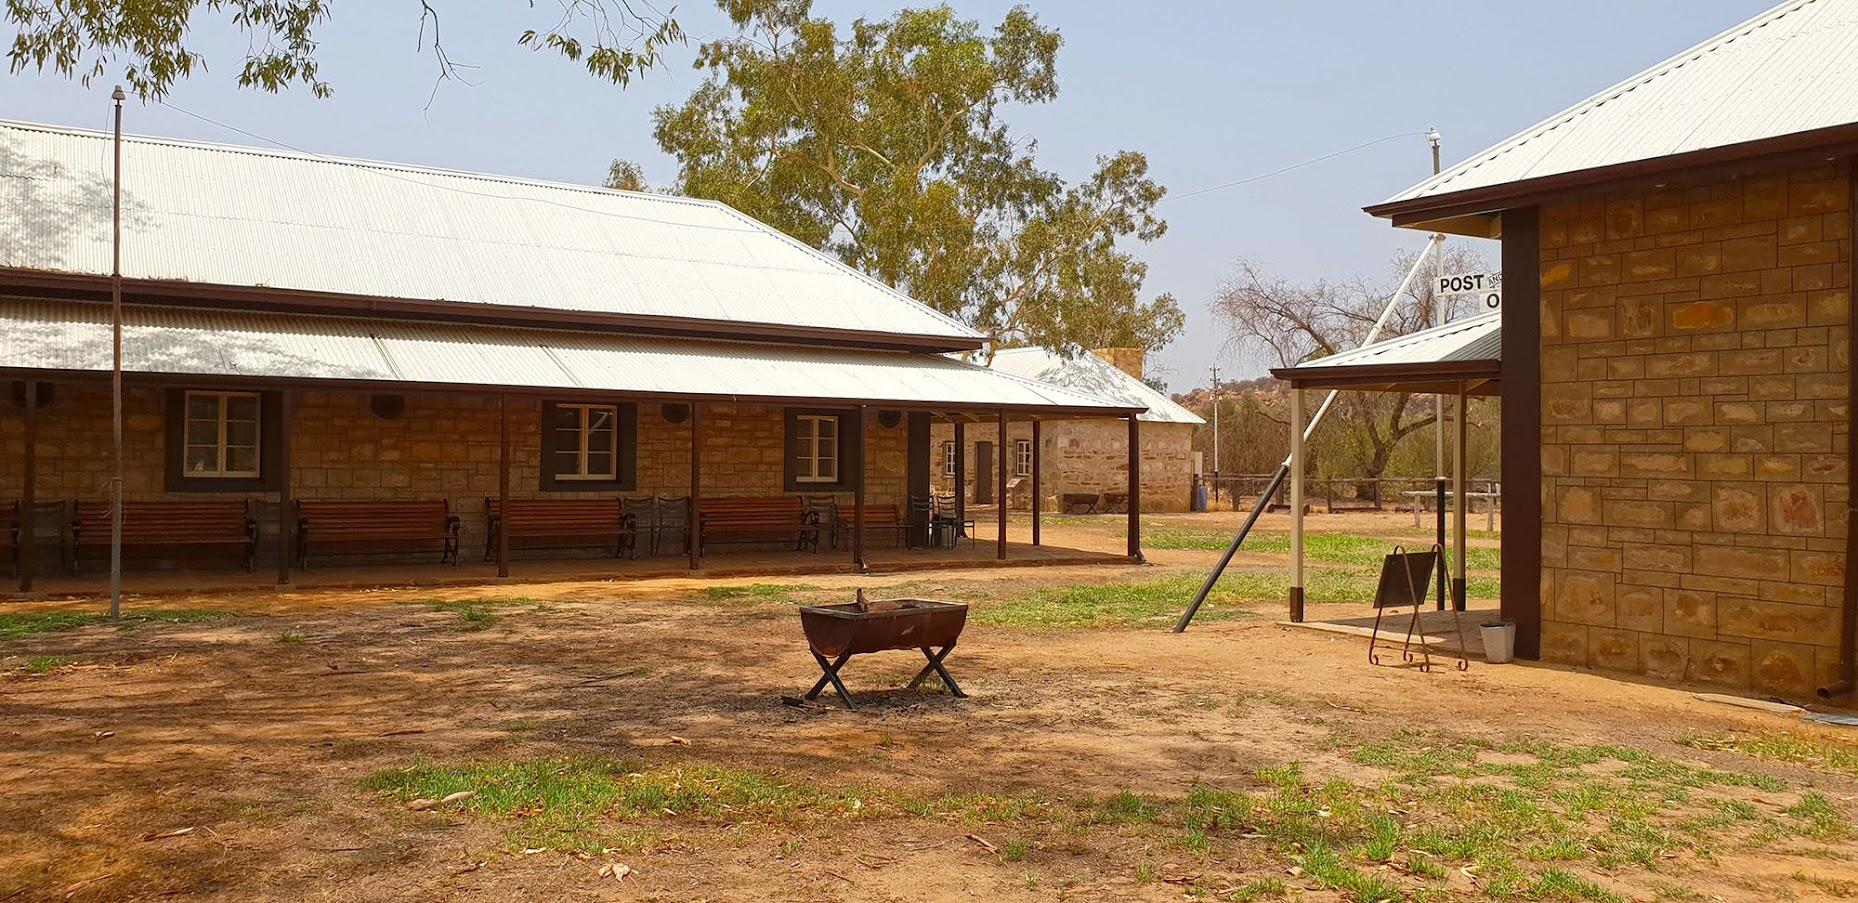 Visitar ALICE SPRINGS, o centro da Austrália e da cultura aborígene